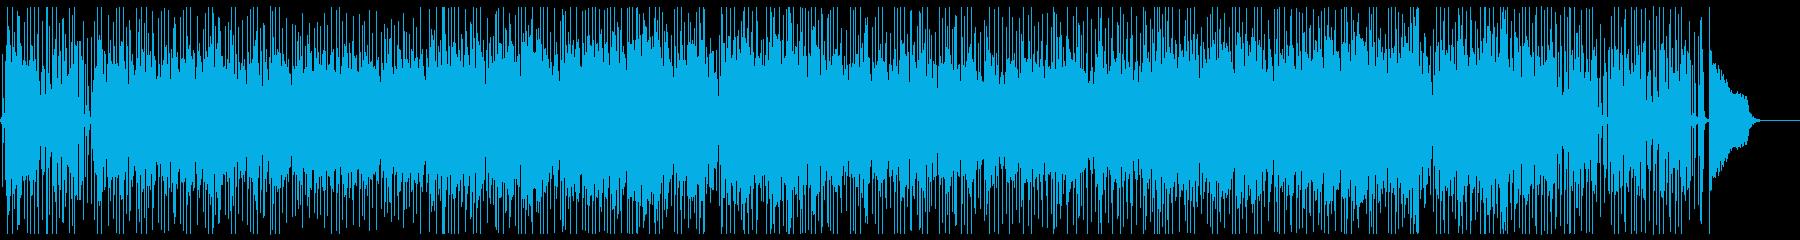 優雅でゴージャスなミディアムテンポ楽曲の再生済みの波形